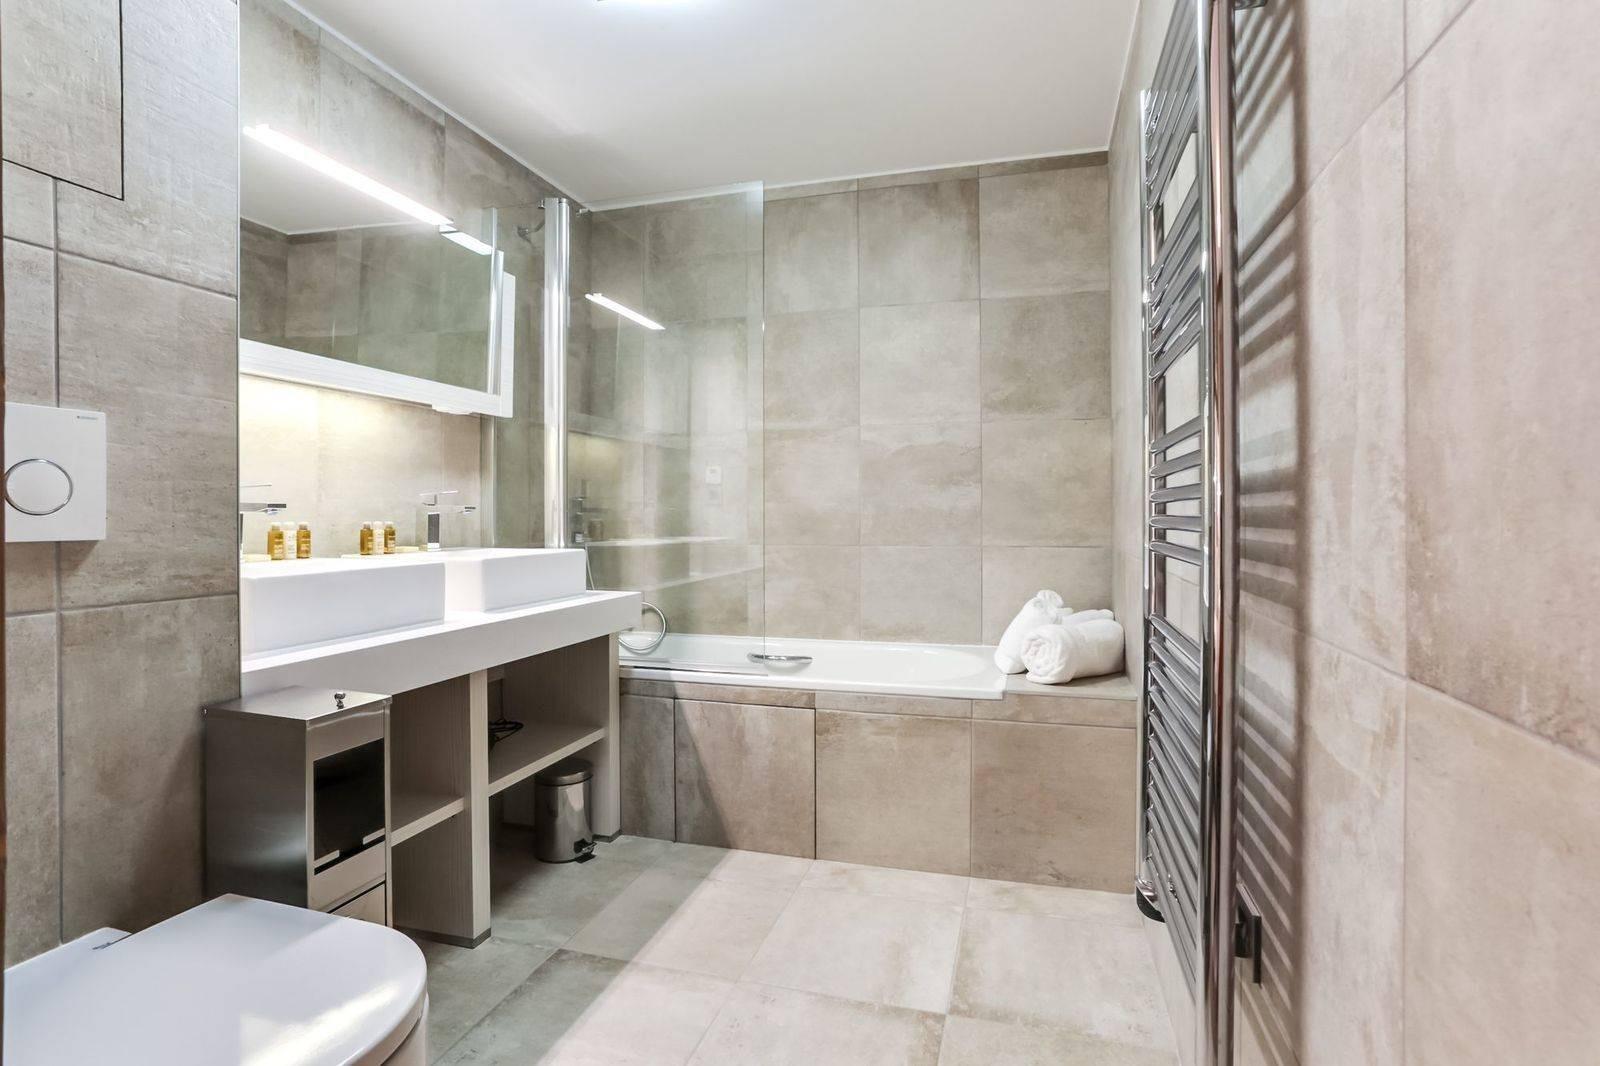 Courchevel 1550 Luxury Rental Appartment Telikia Bathroom 3